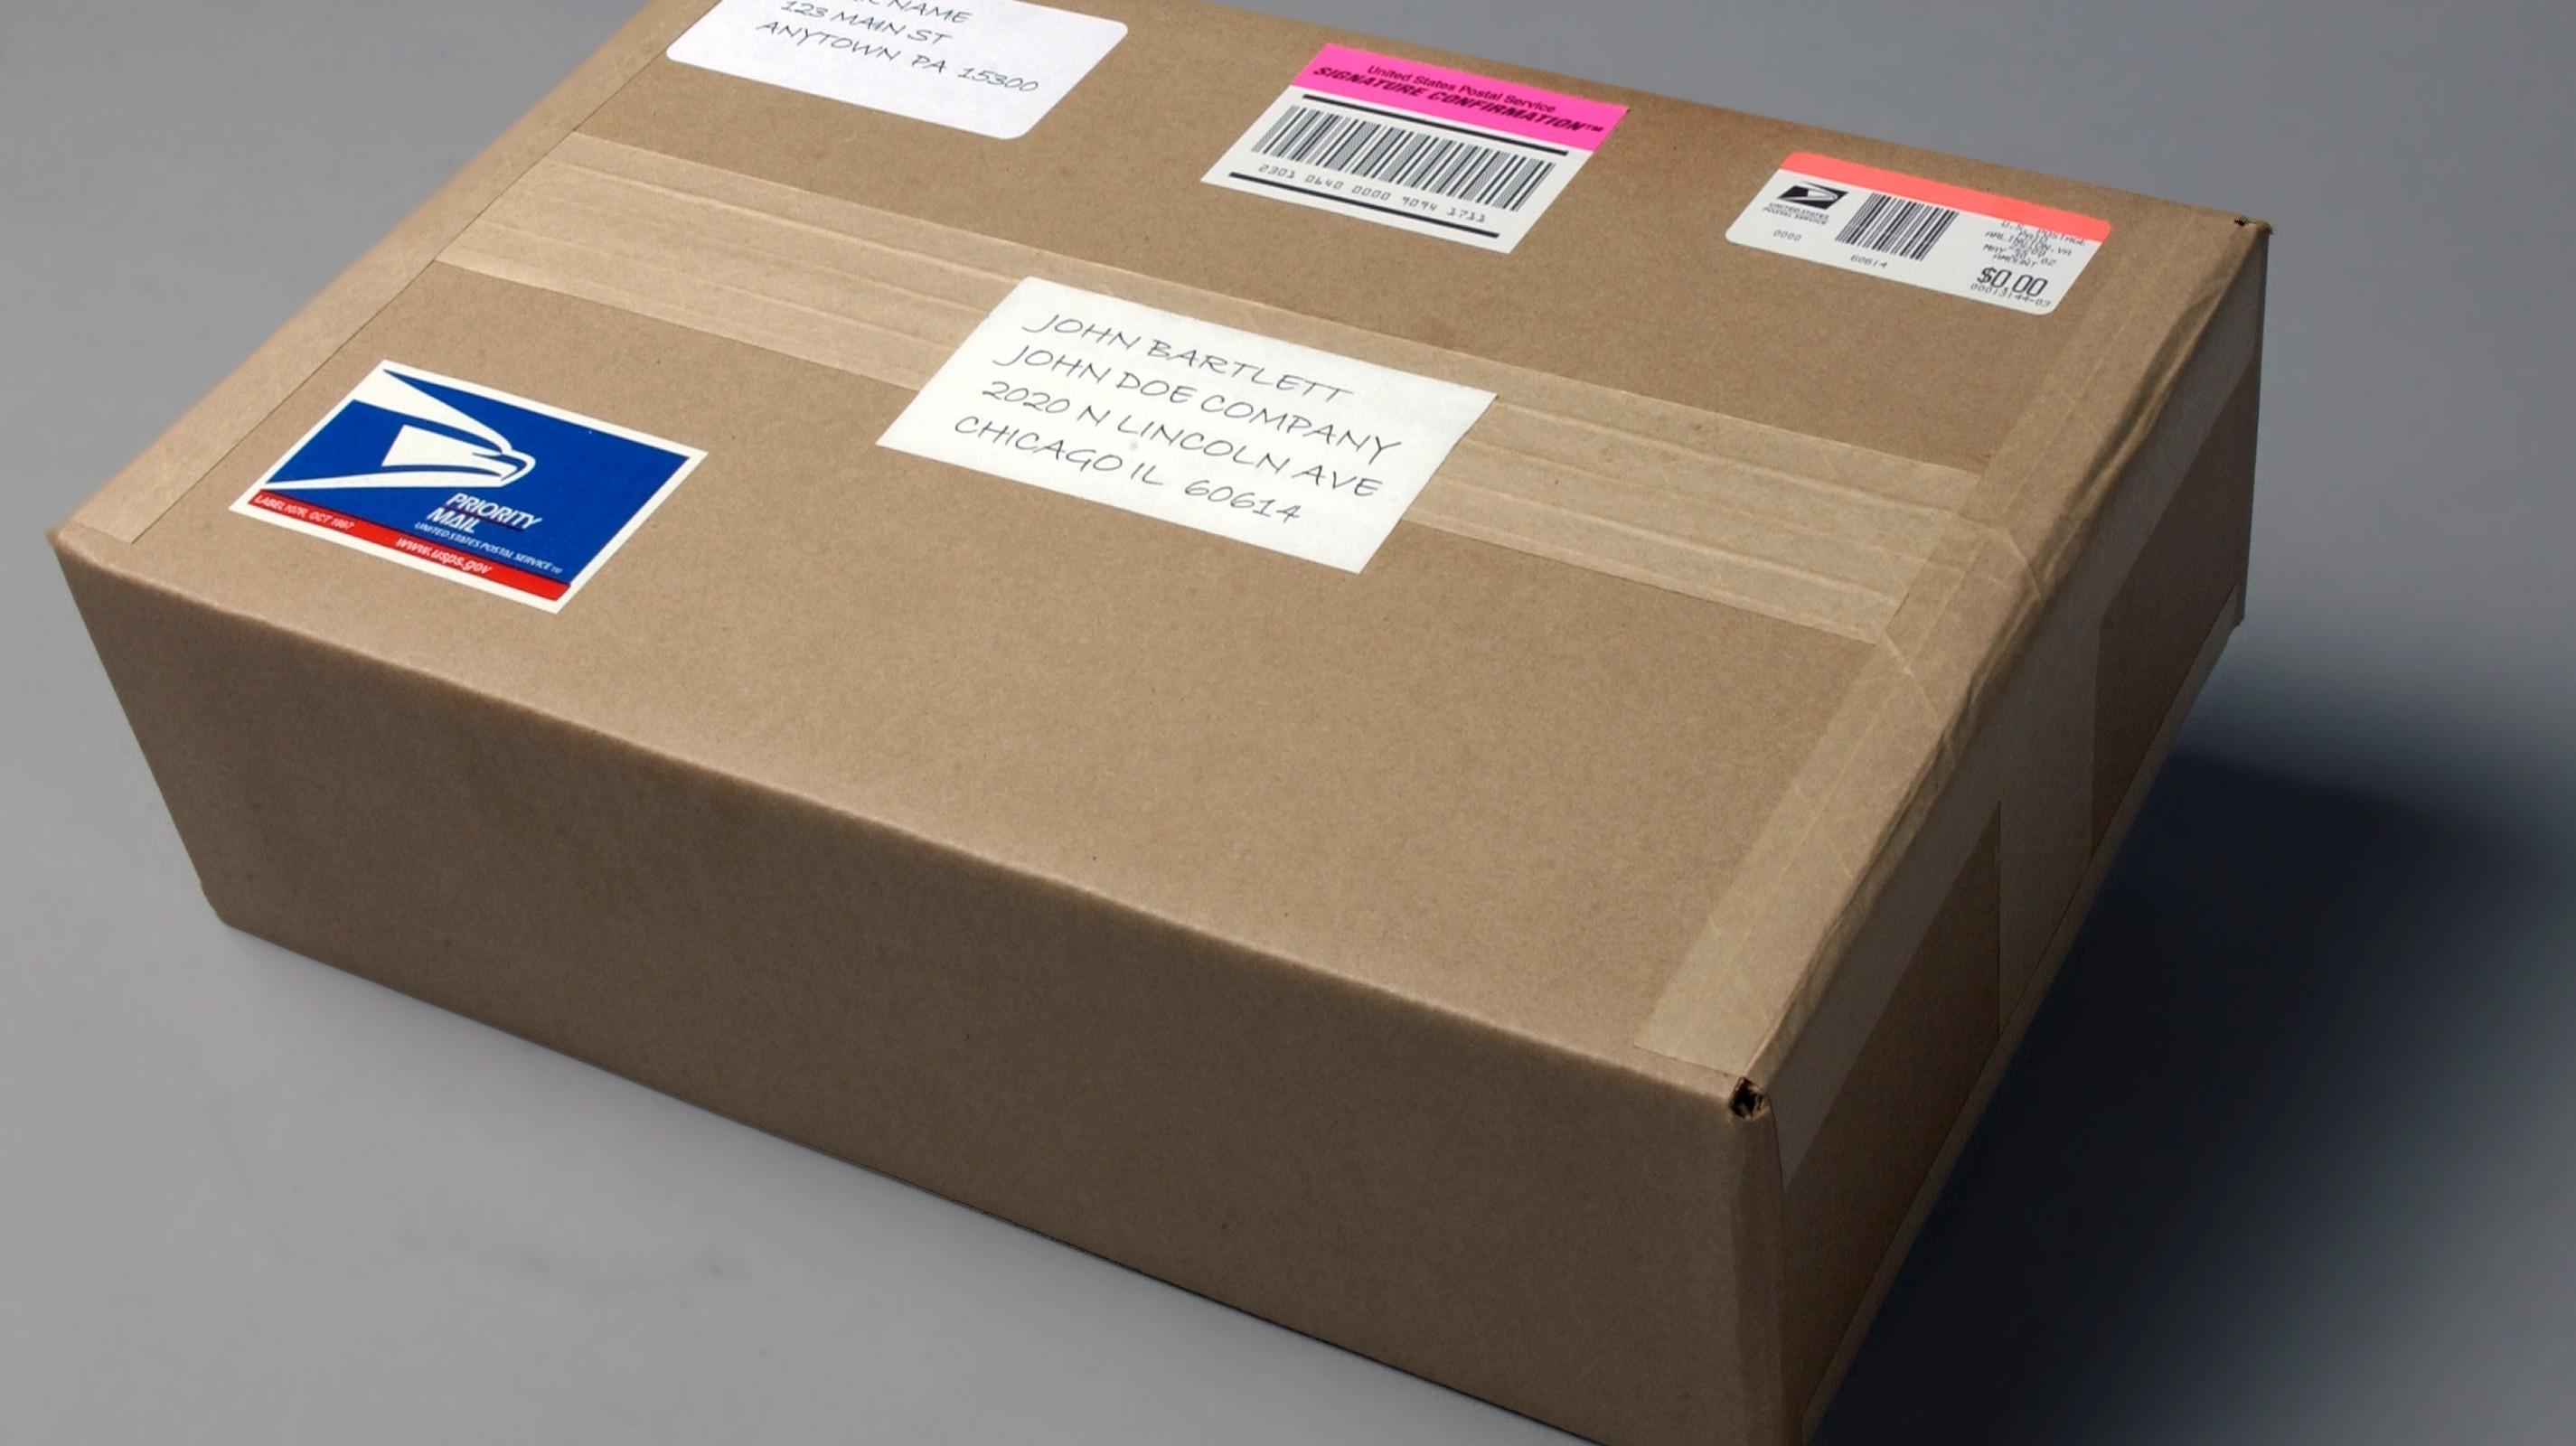 Limita neimpozabilă pentru trimiterile poștale internaționale se micșorează de la începutul anului viitor